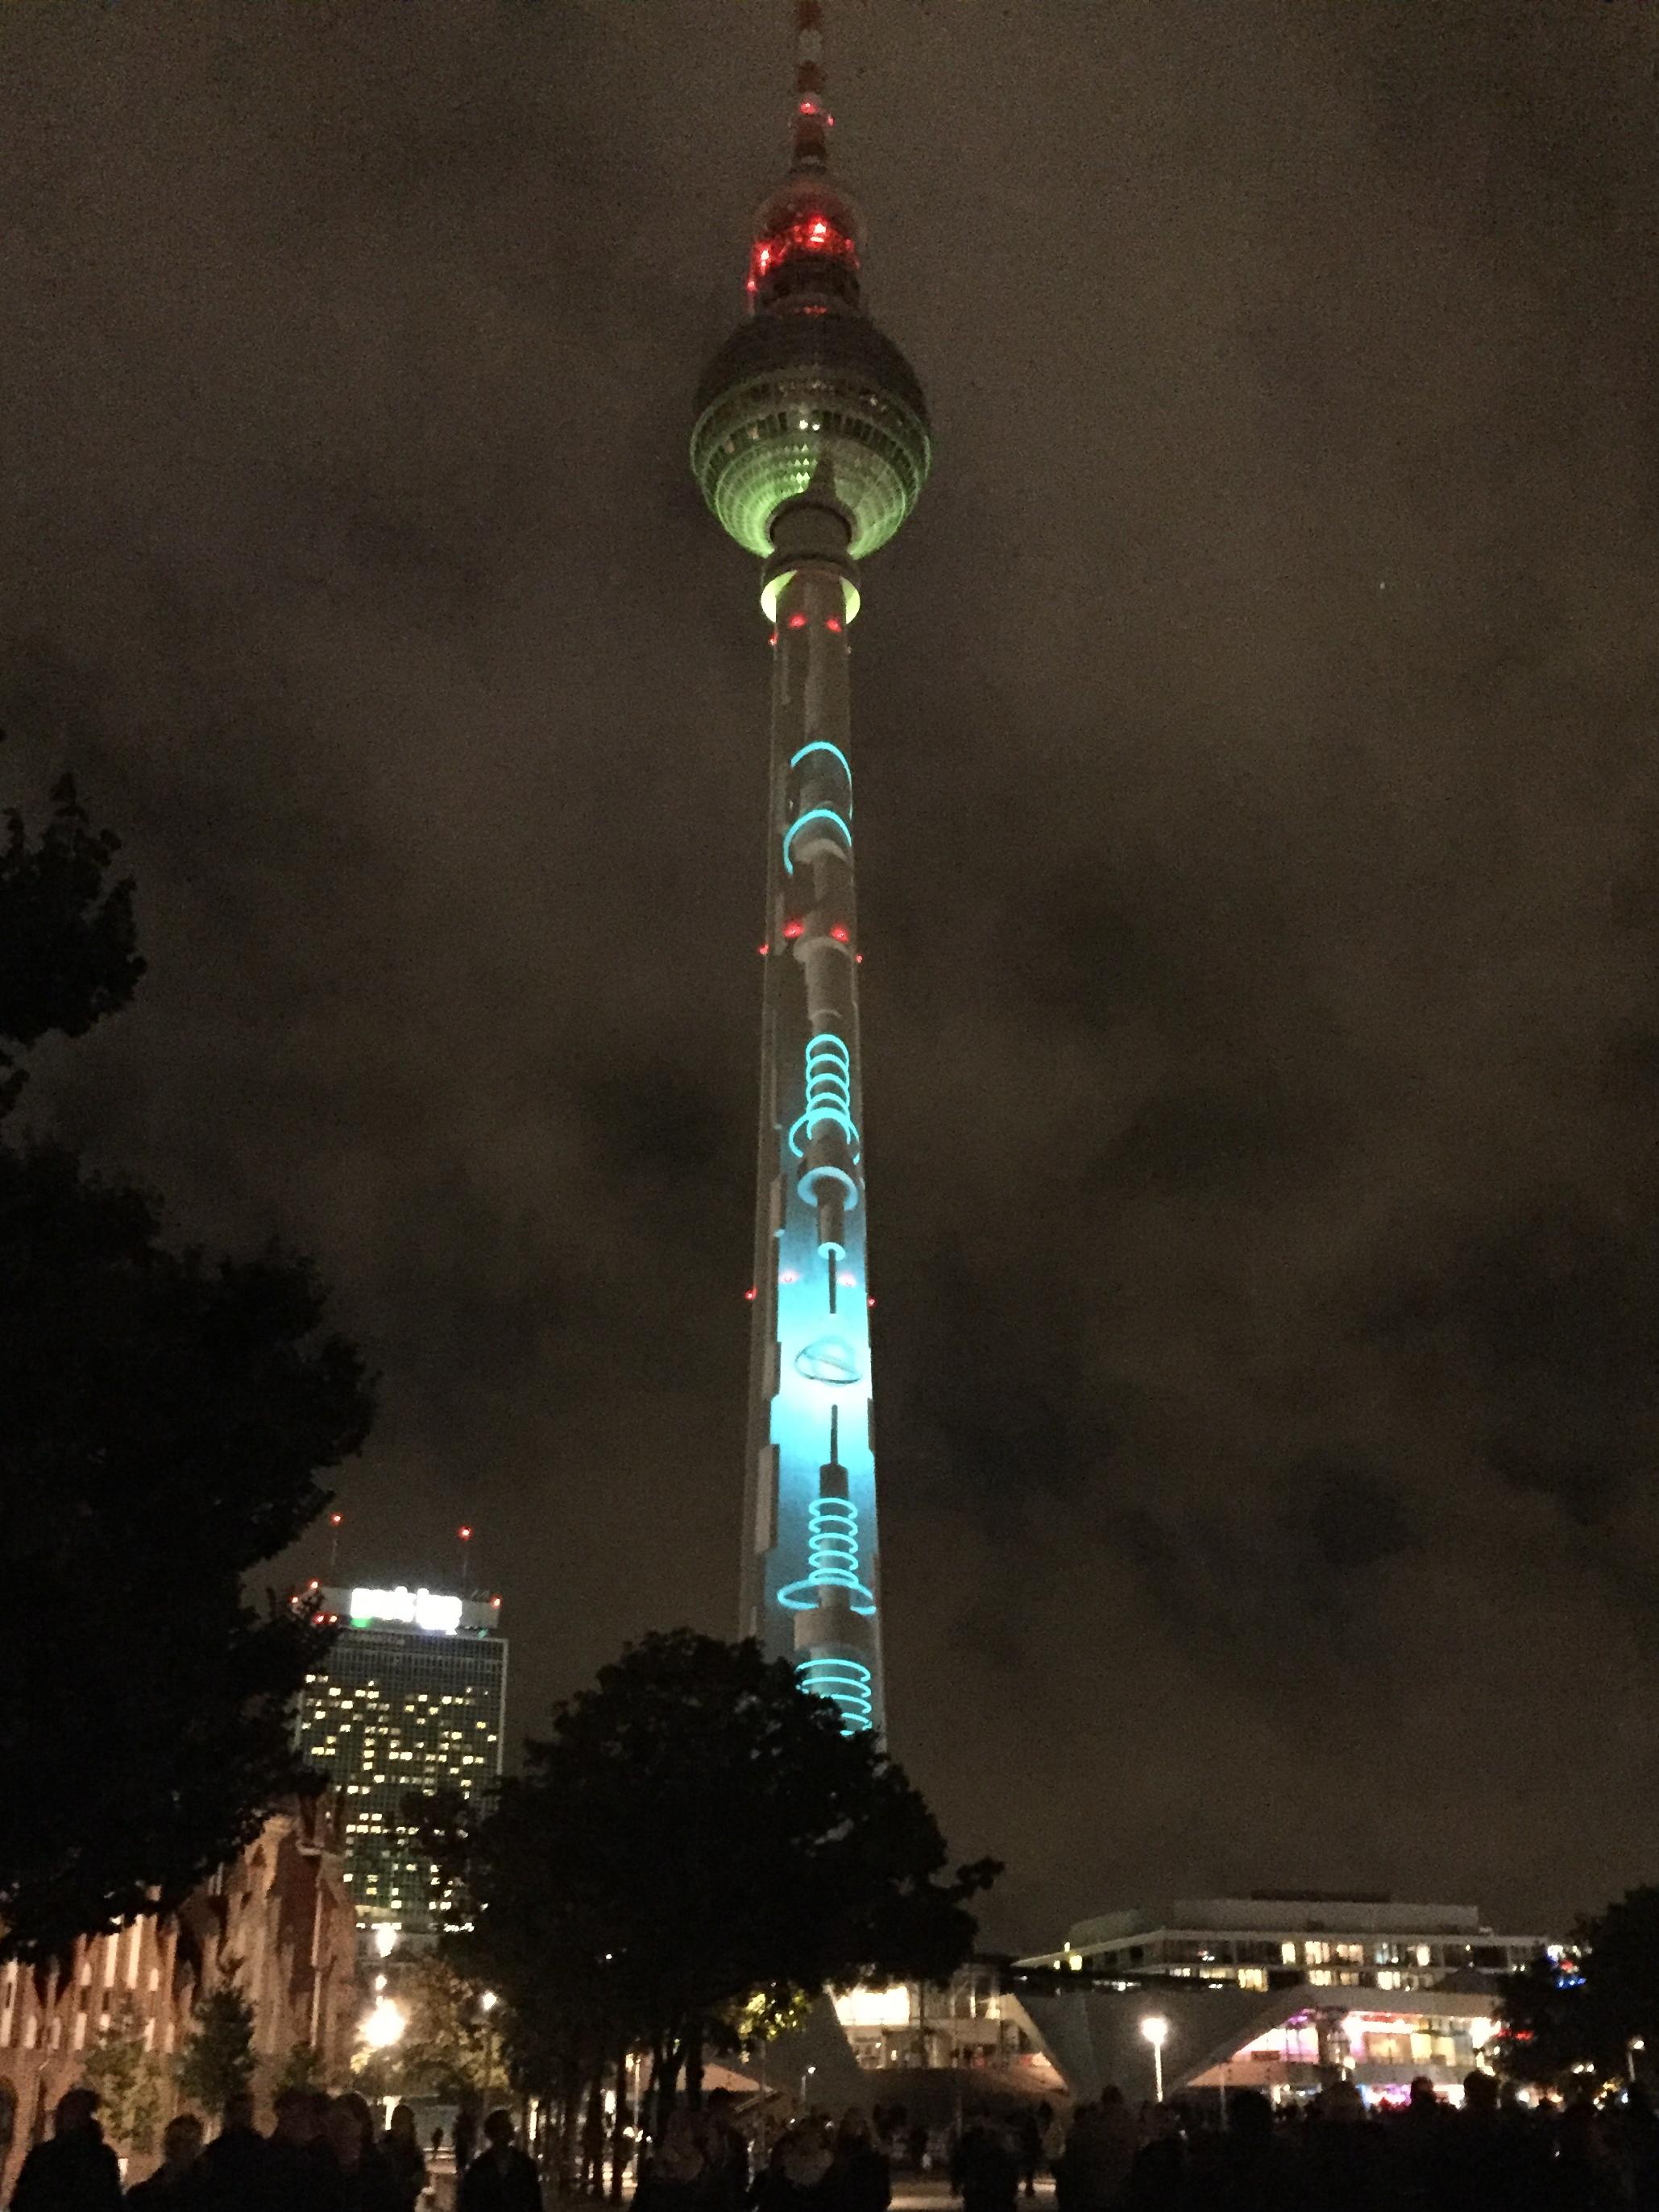 Berliner Fernsehturm - Festival of Lights 2016